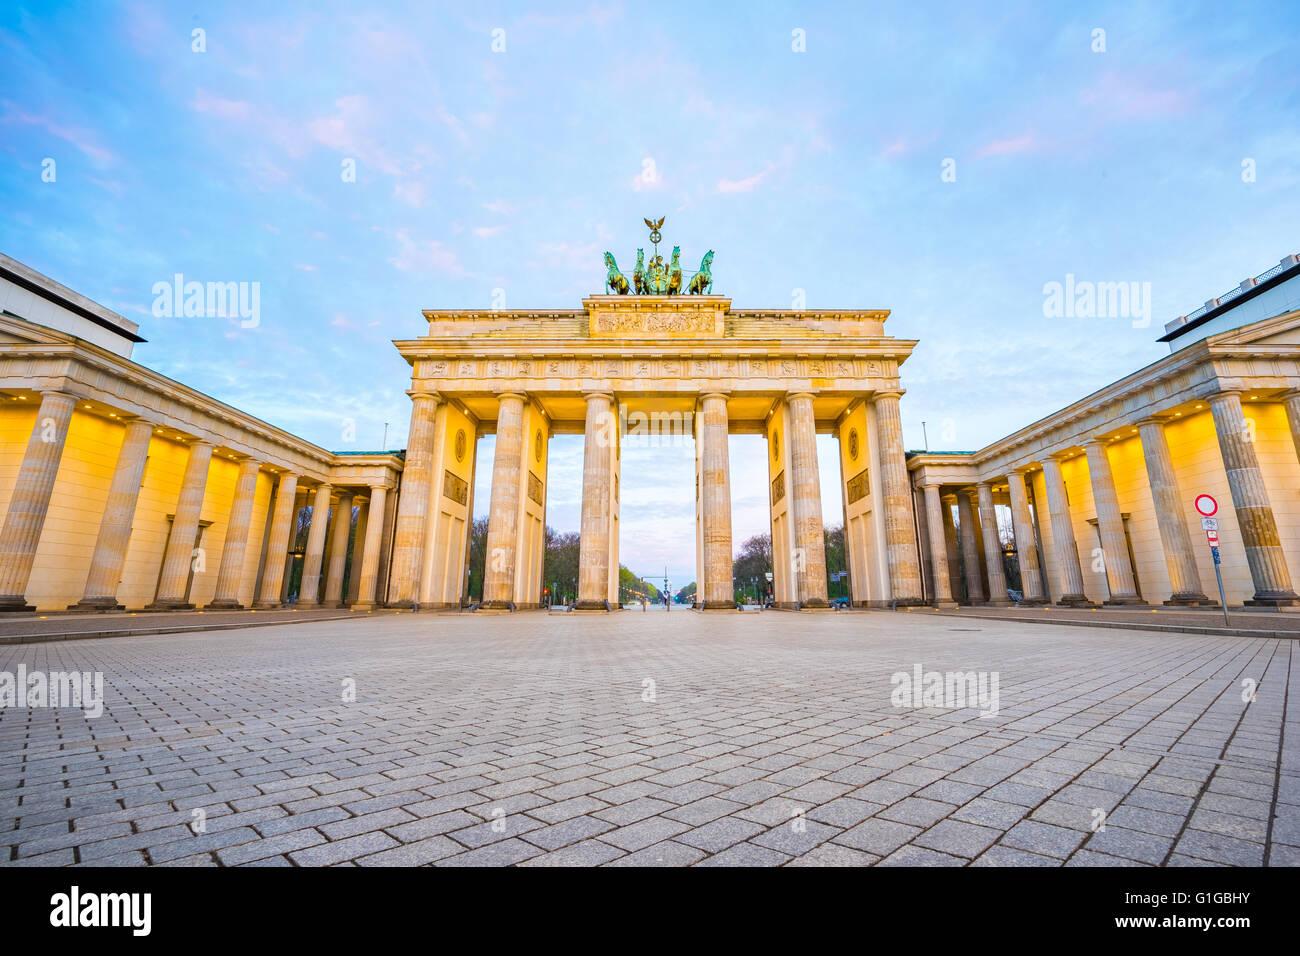 Bonito cielo con la Puerta de Brandenburgo en Berlín, Alemania durante la noche. Foto de stock